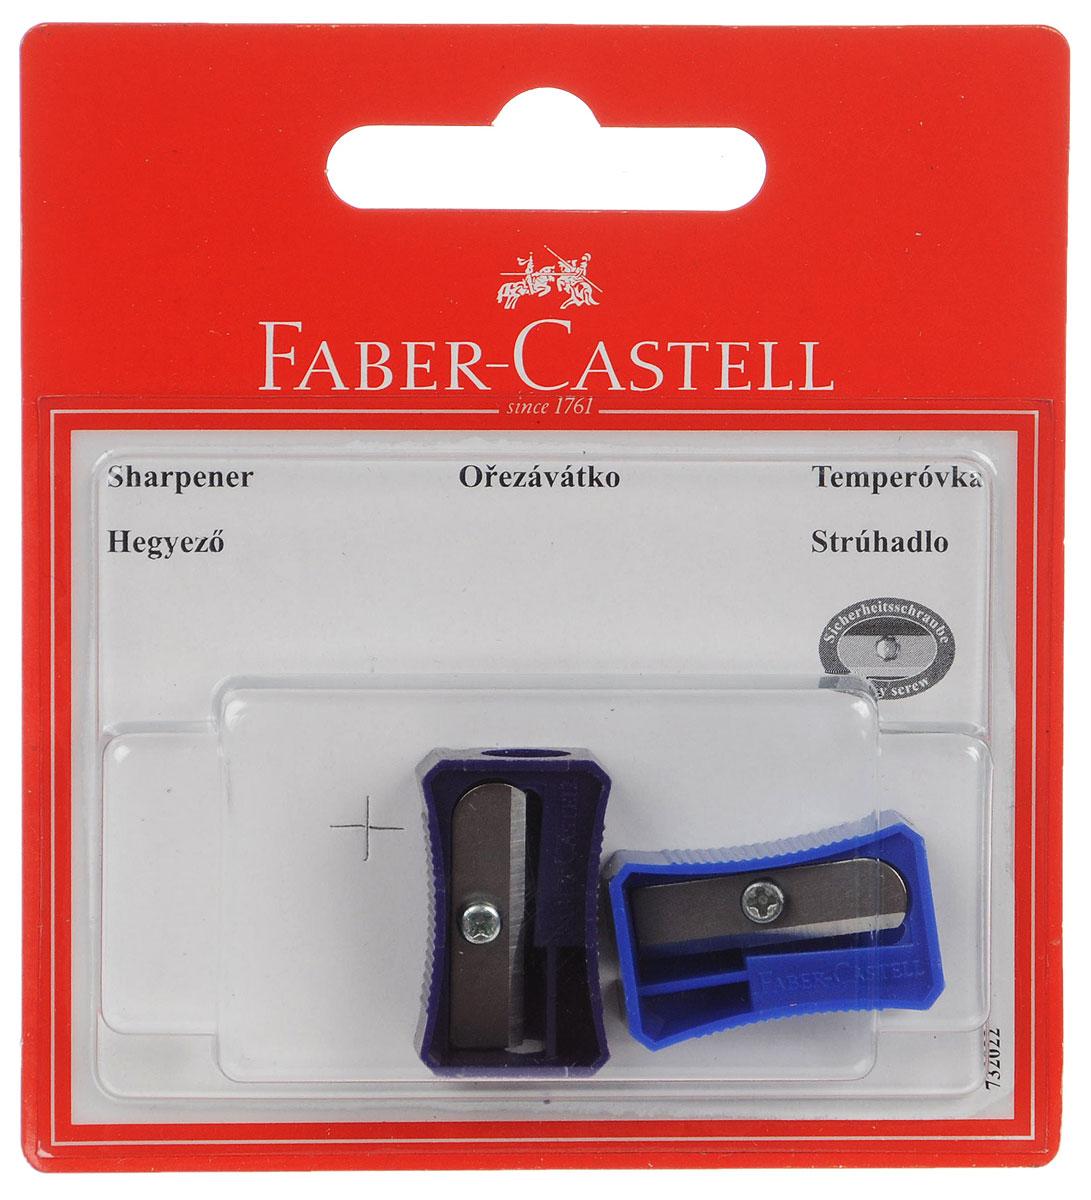 Точилка Faber-Castell предназначена для затачивания классических простых и цветных карандашей.В наборе две точилки из прочного пластика синего и фиолетового цветов с рифленой областью захвата. Острые лезвия обеспечивают высококачественную и точную заточку деревянных карандашей.